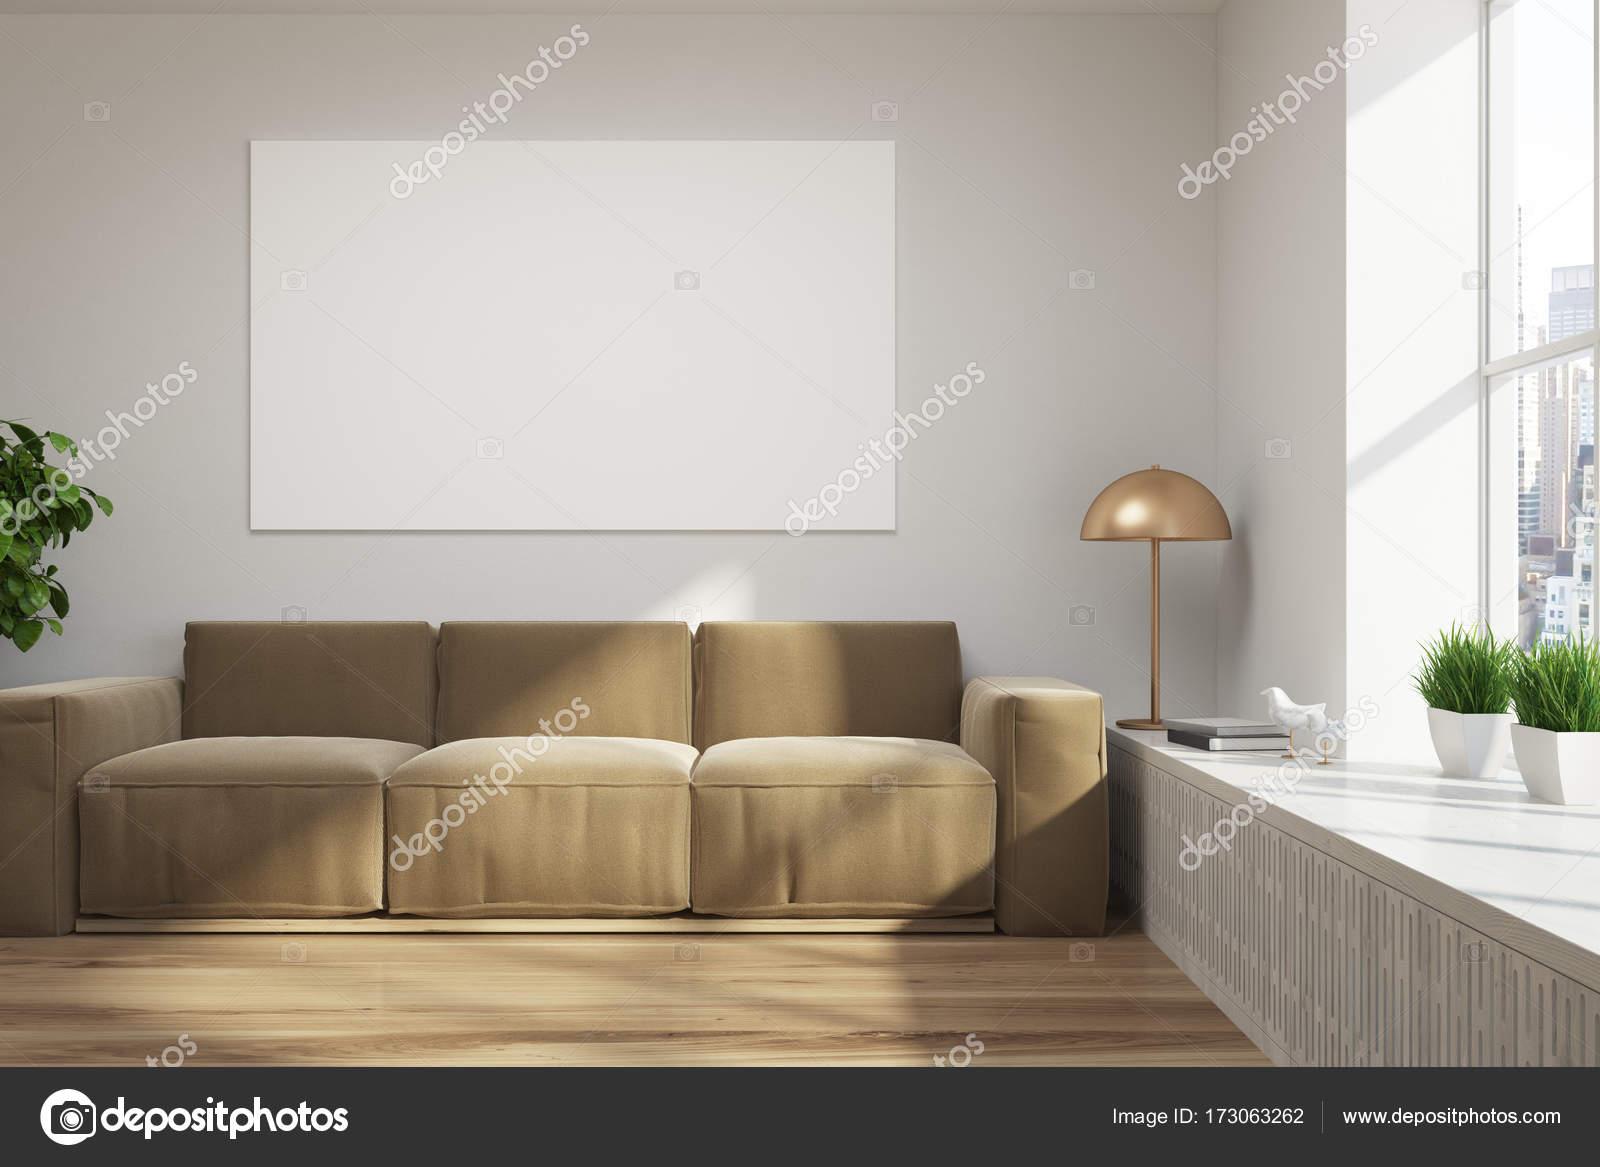 Witte loft woonkamer, bruin sofa, poster — Stockfoto ...